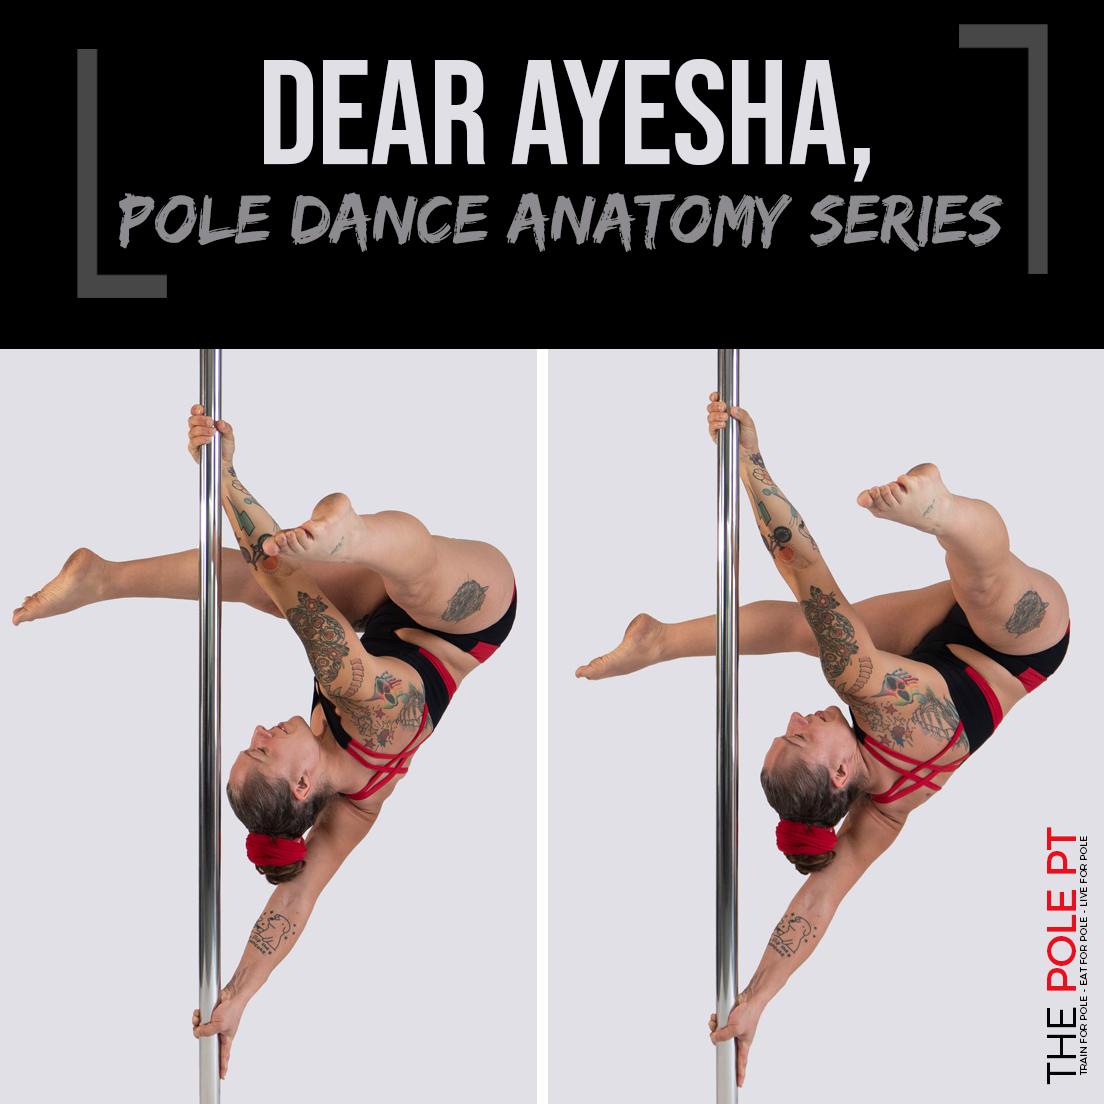 Dear Ayesha…